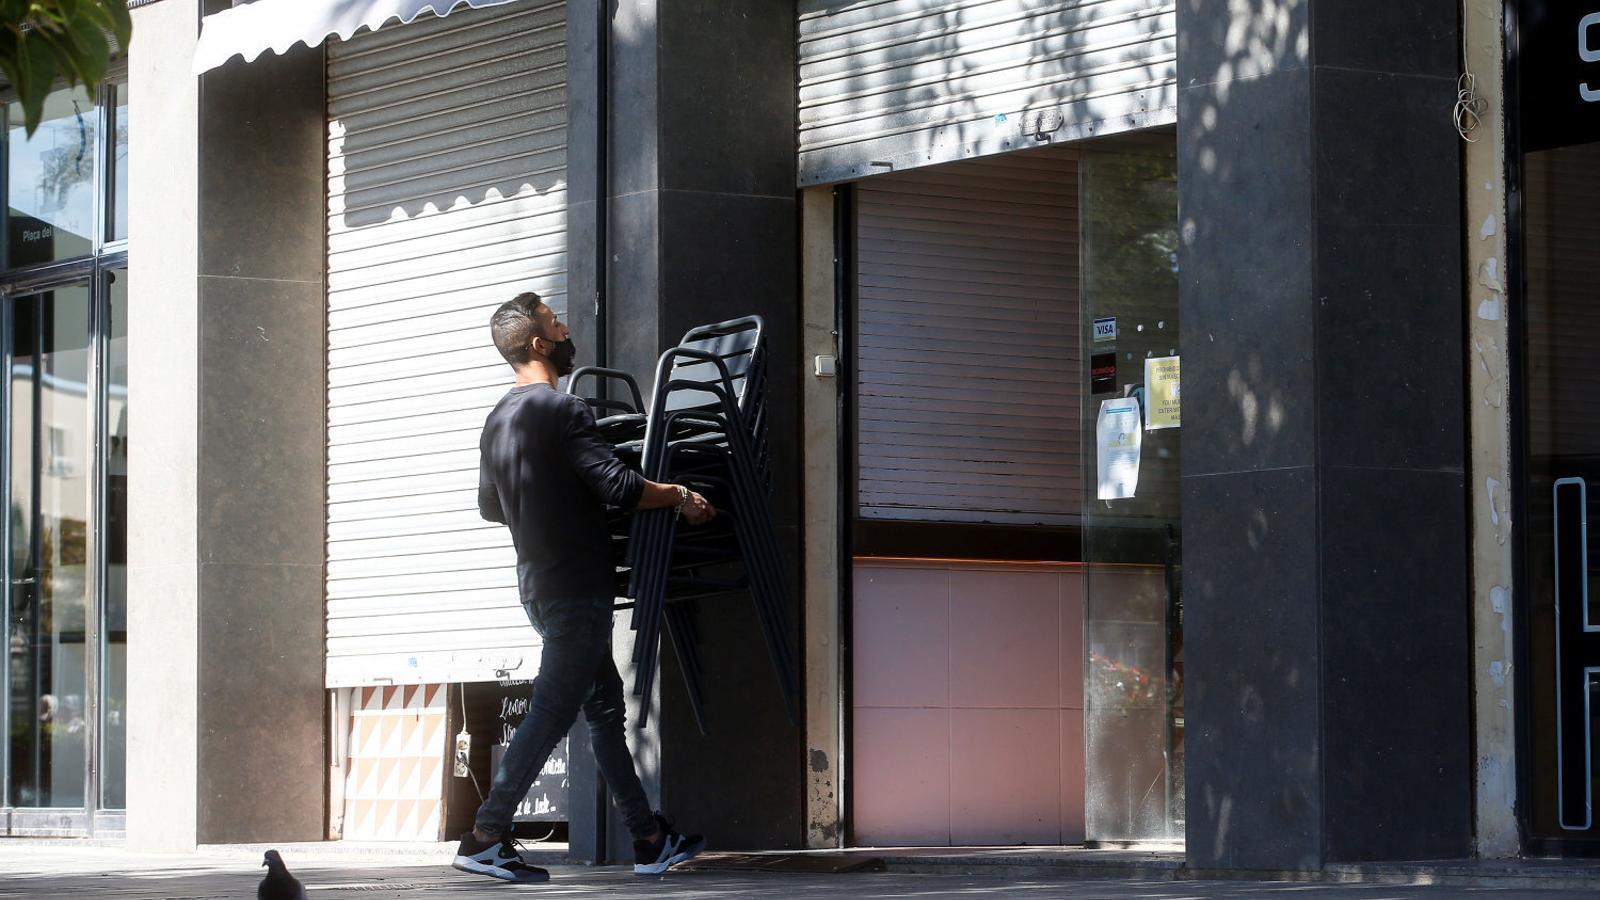 Un home ahir guardant les taules i cadires de la terrassa a l'interior d'un establiment de restauració al barri de la Barceloneta.